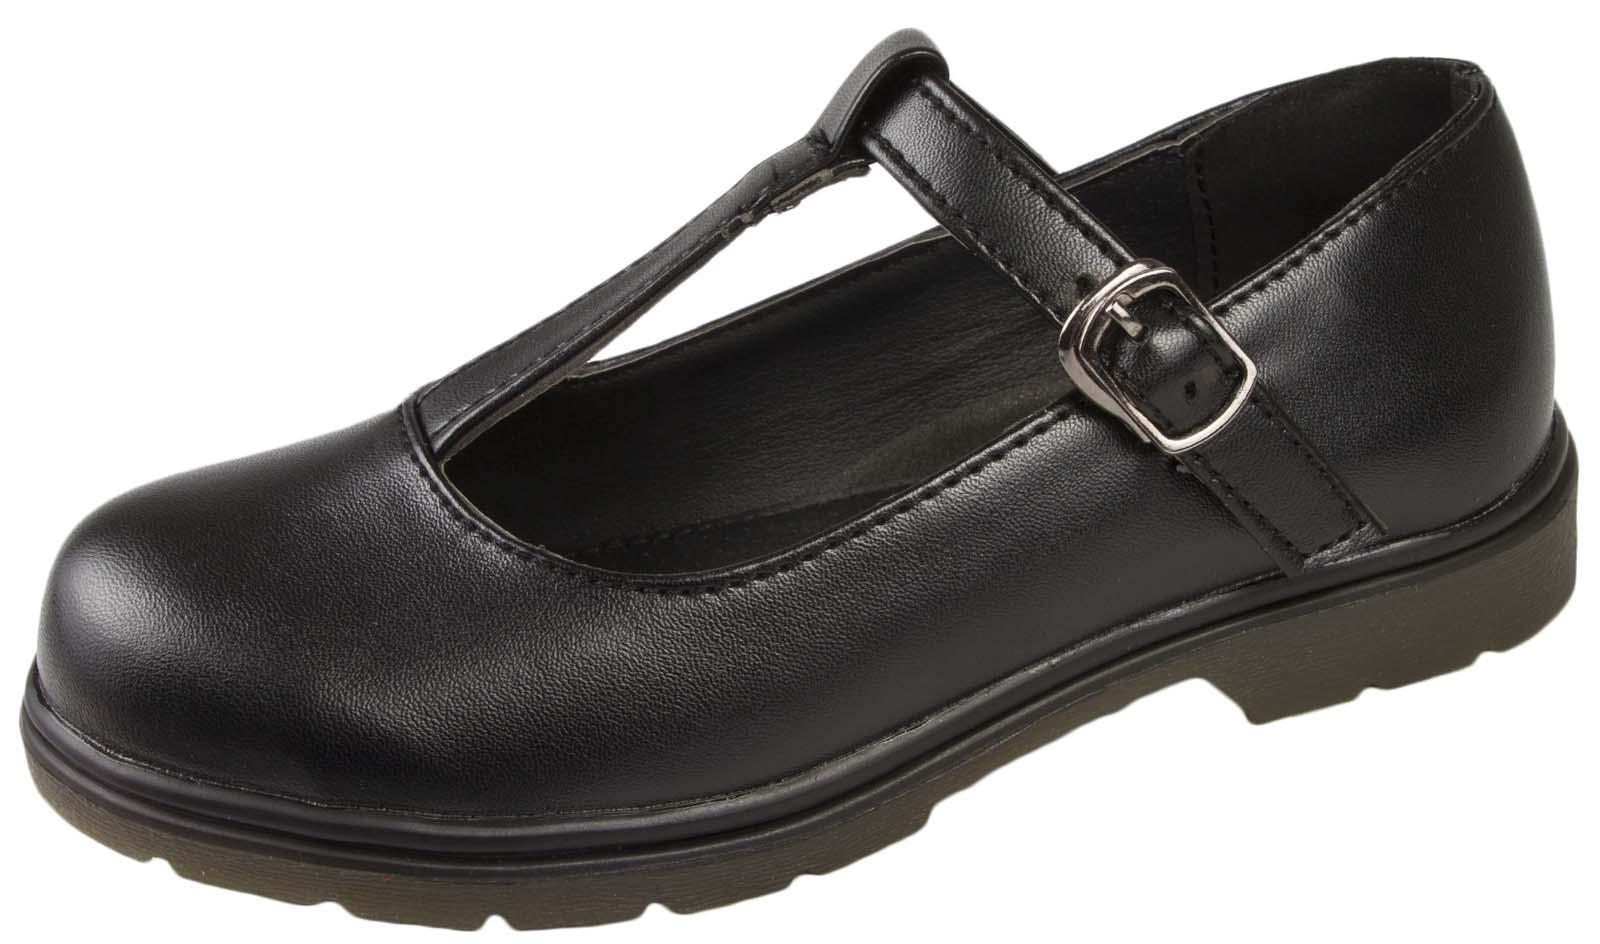 Infant Black Mary Jane Shoes